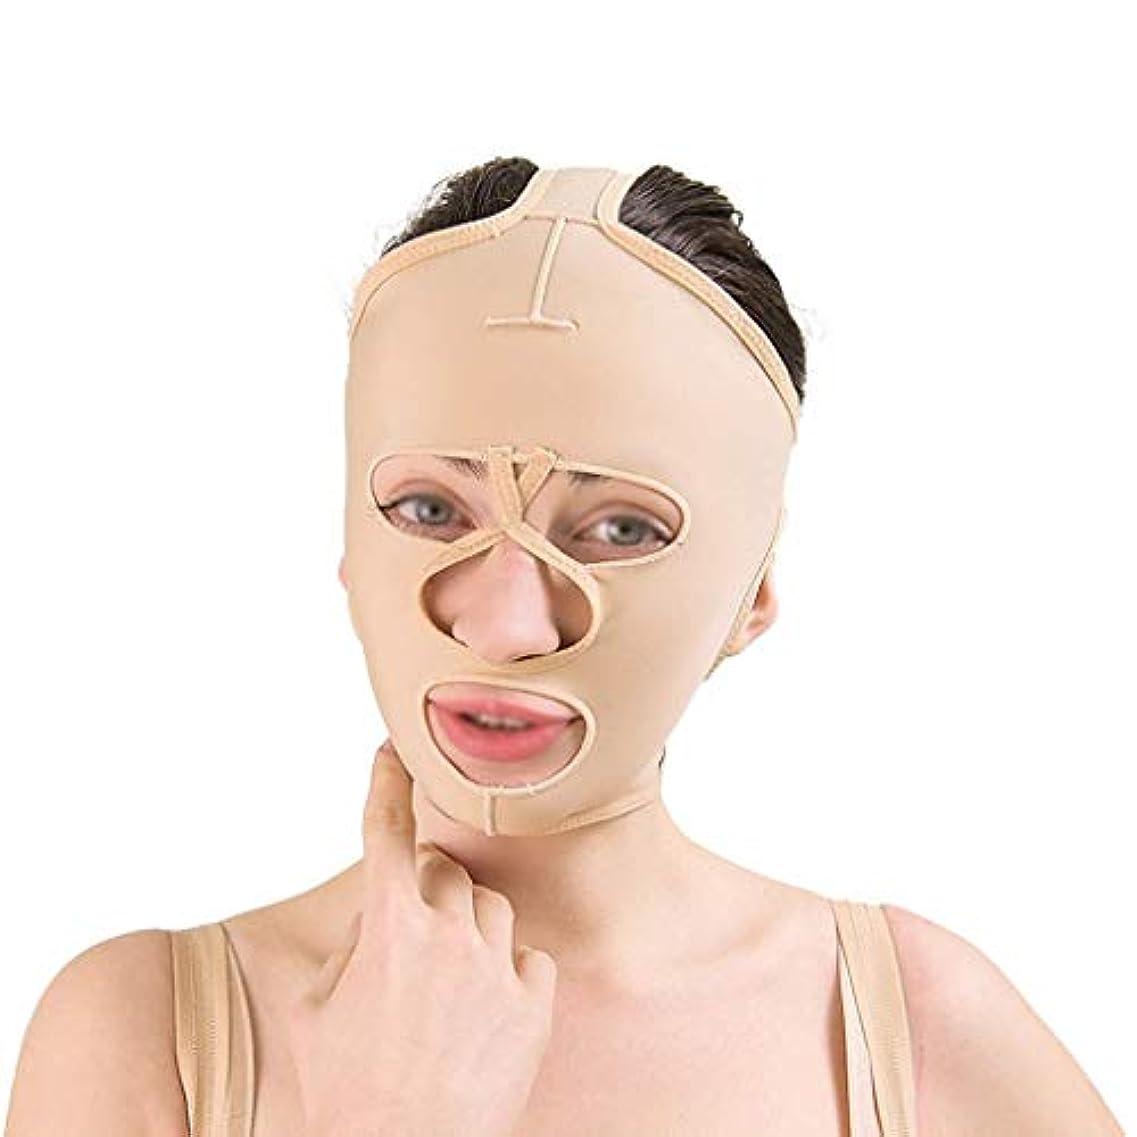 マッサージ病気のイデオロギーフェイシャルリフティングツール、フェイシャルビューティーリフティングマスク、通気性引き締めリフティングフェイシャル包帯、フェイシャルタイトバンデージ(サイズ:L),XL